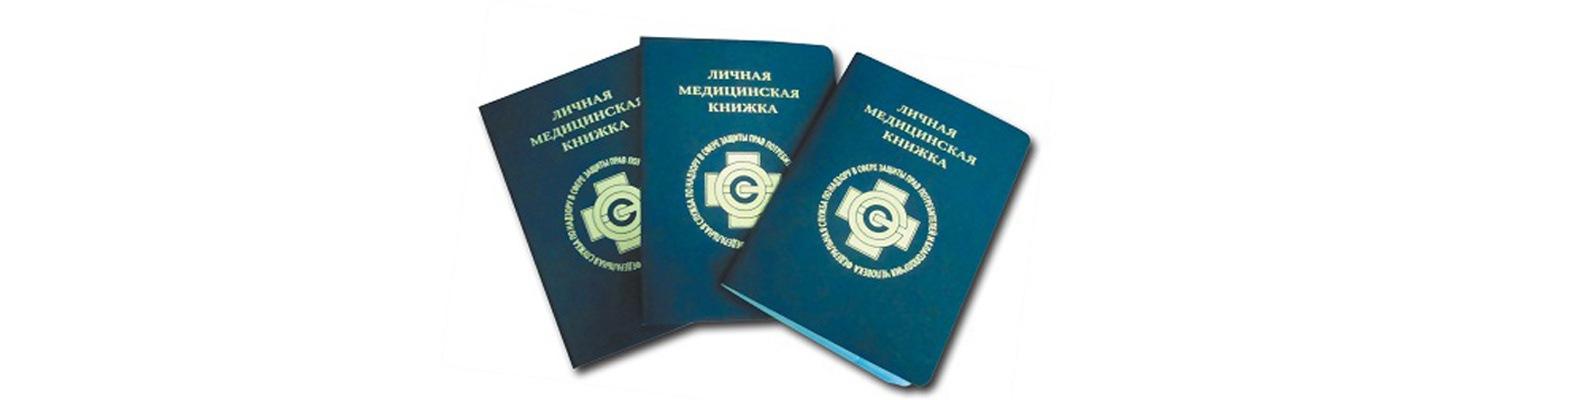 Медицинская книжка где купить киров сделать медицинскую книжку в городе красноярске